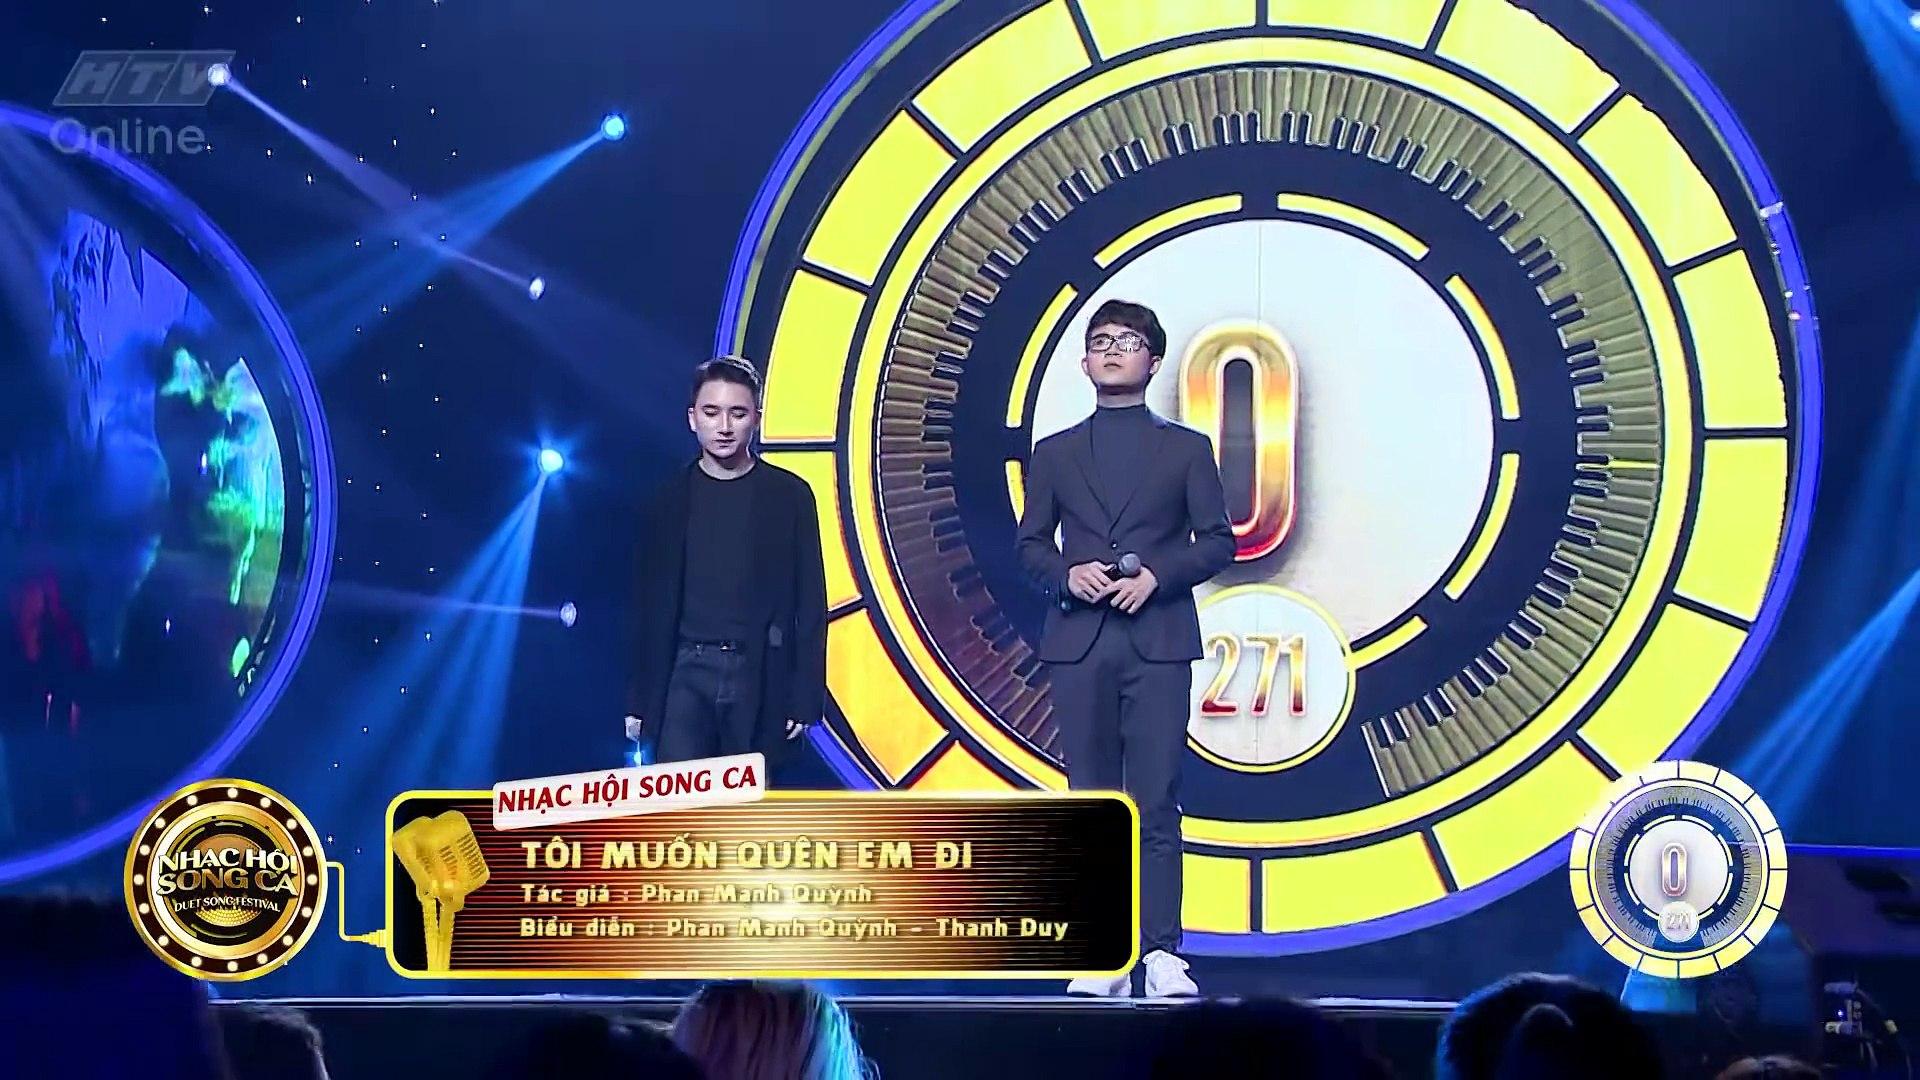 HTV NHẠC HỘI SONG CA MÙA 2 Tập 1 -15-04-2018-Phần 2- Hoàng tử lai Kim Samuel -gây sốt- tập mở màn